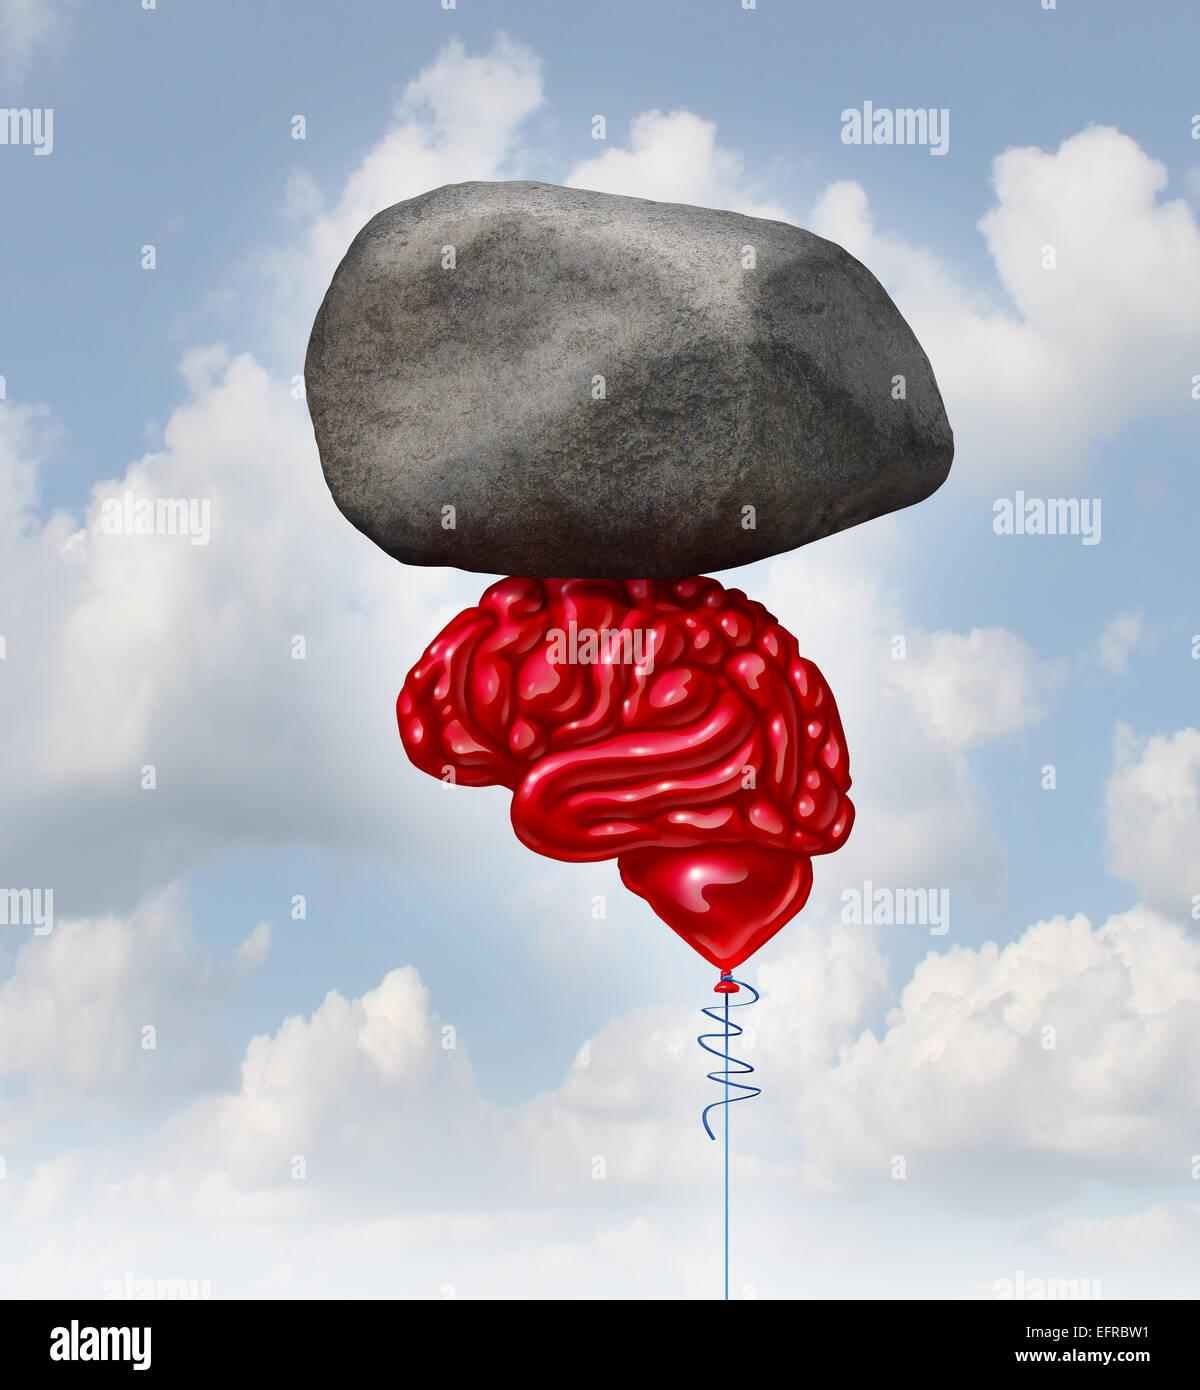 Concepto de potencia cerebral como un globo rojo en forma de un pensamiento humano organ levantando un rock pesado Imagen De Stock